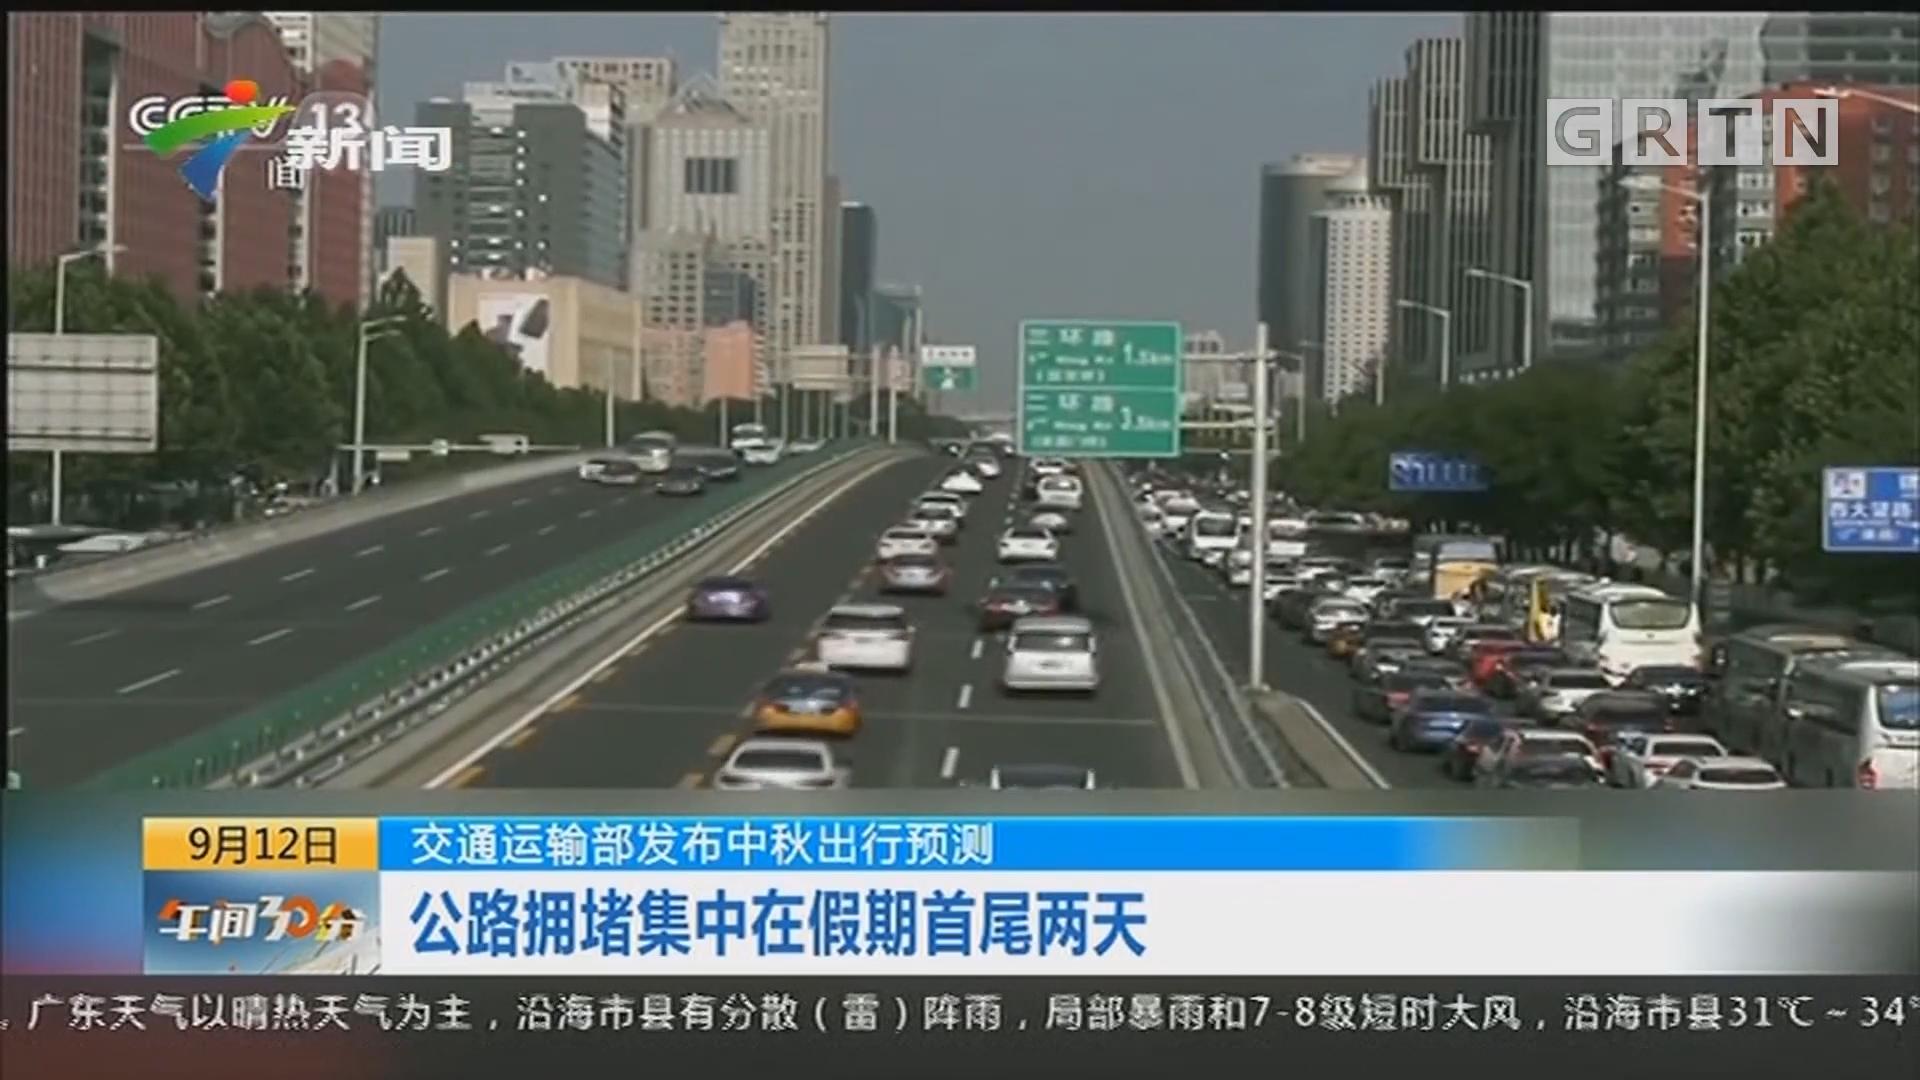 交通运输部发布中秋出行预测 公路拥堵集中在假期首尾两天